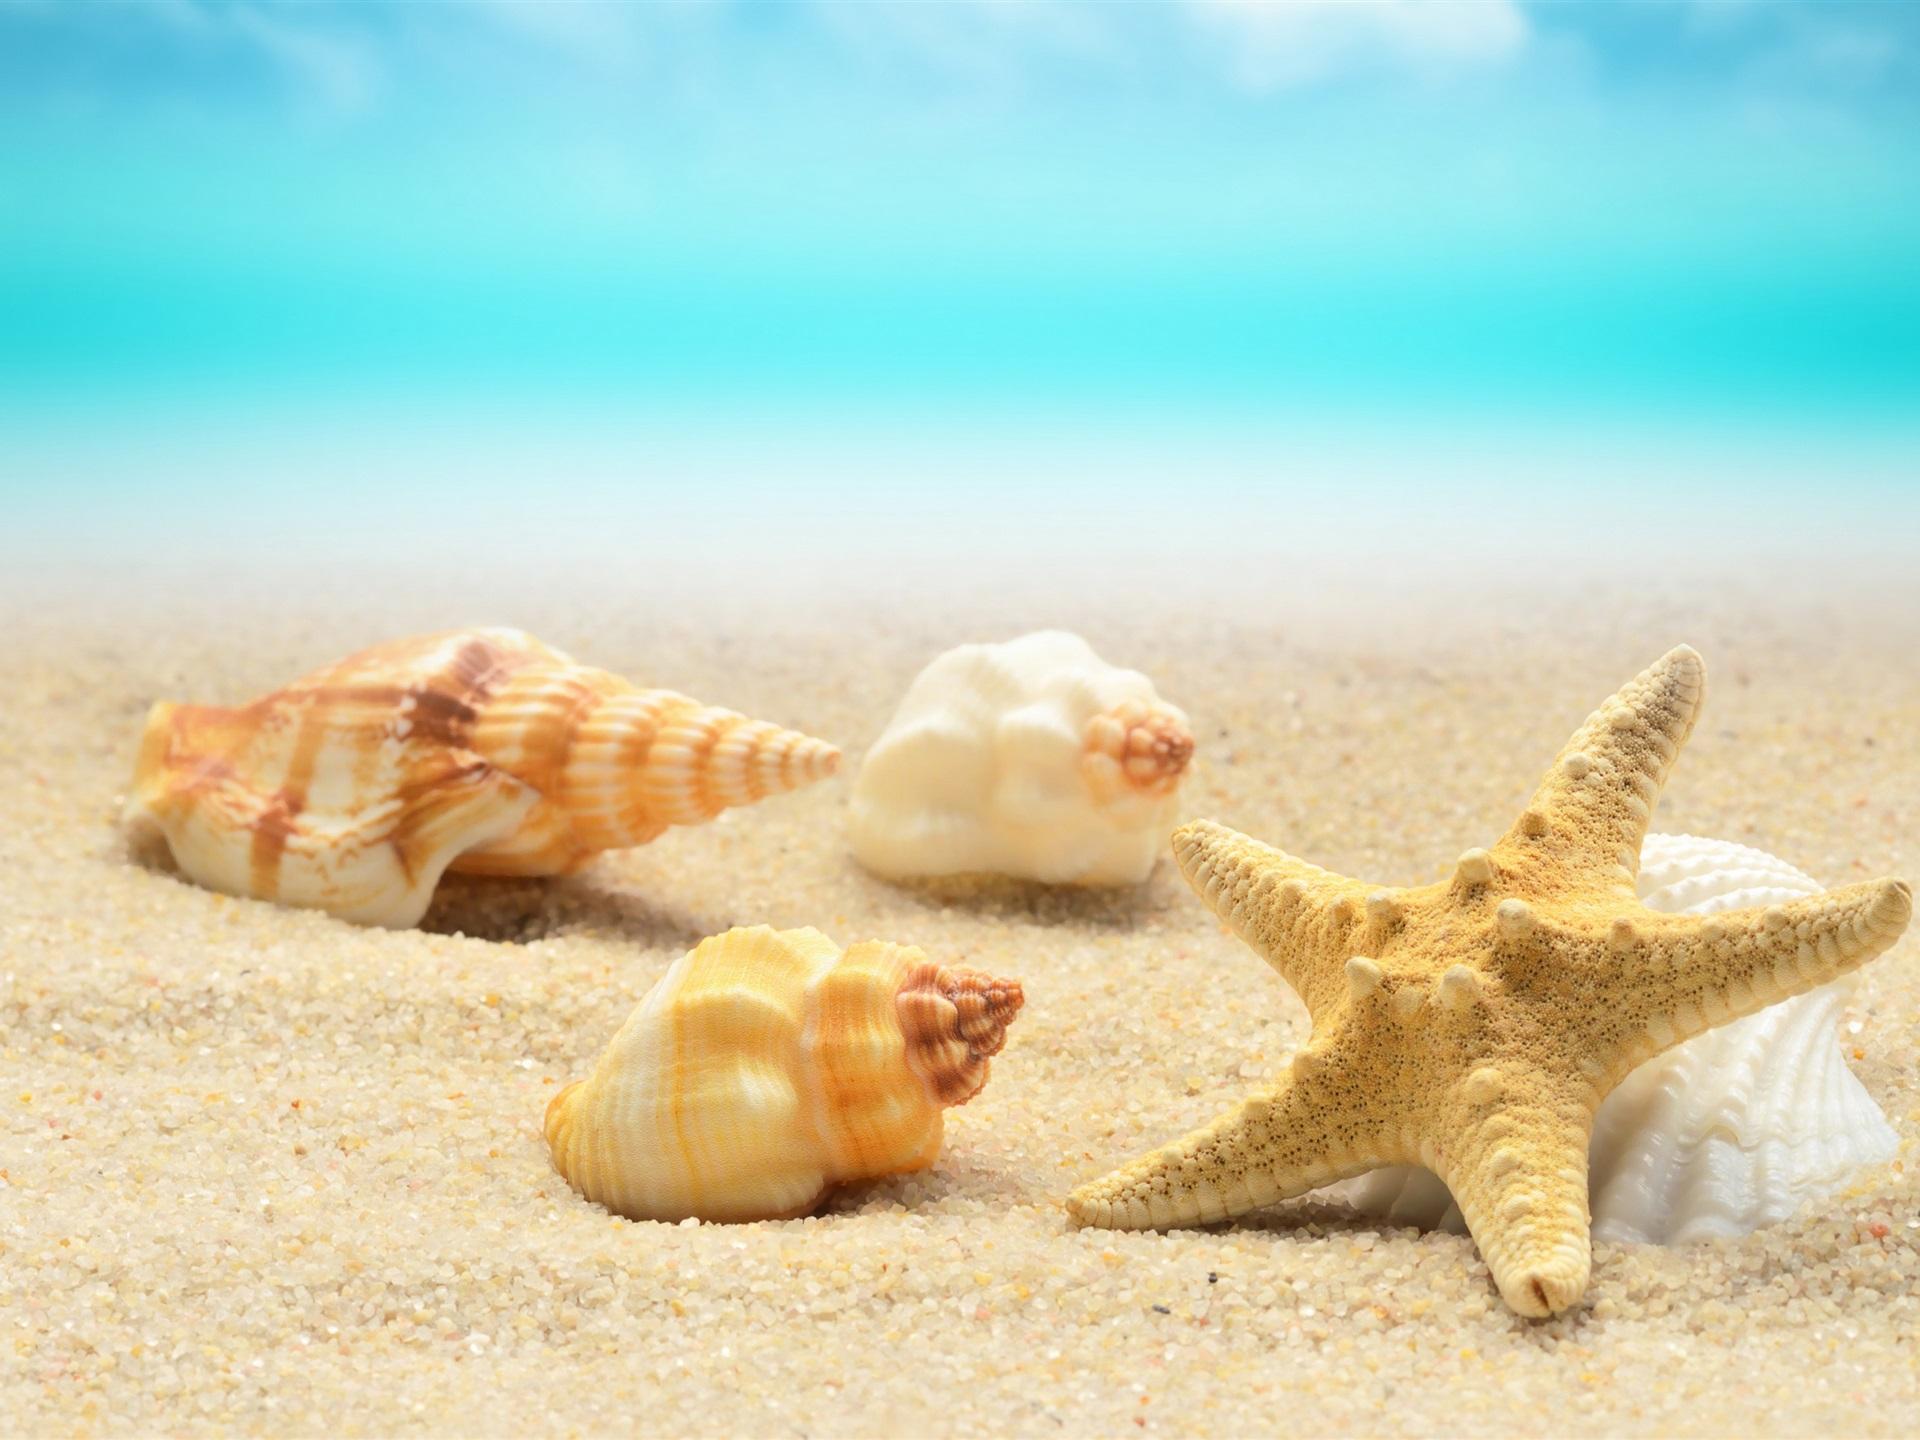 壁紙 貝殻 ヒトデ ビーチ 海 3840x2160 Uhd 4k 無料のデスクトップの背景 画像